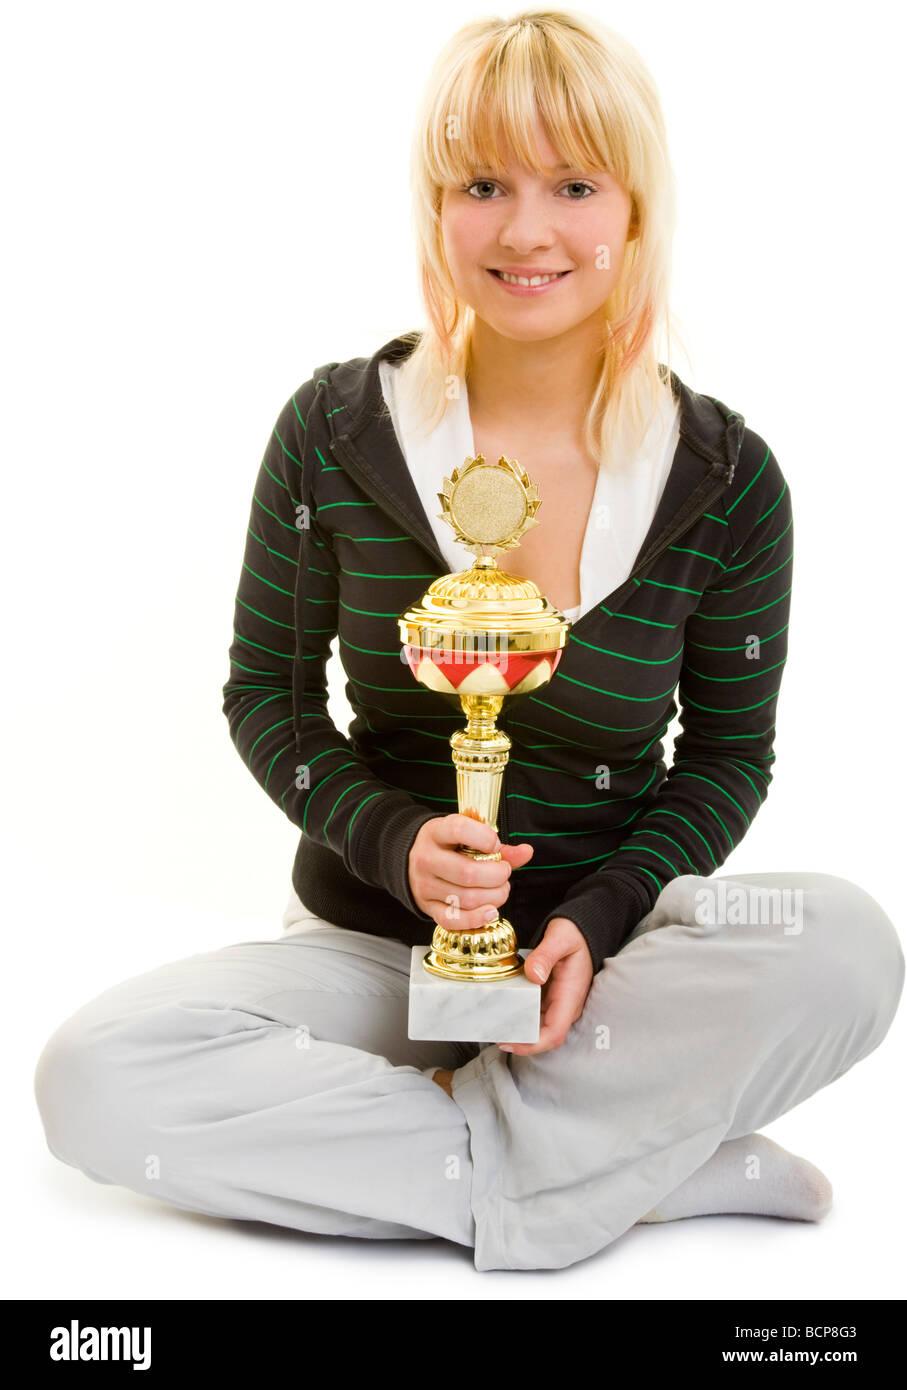 Junge Frau in Sportkleidung sitzt im Schneidersitz und hält lachend einen Pokal - Stock Image